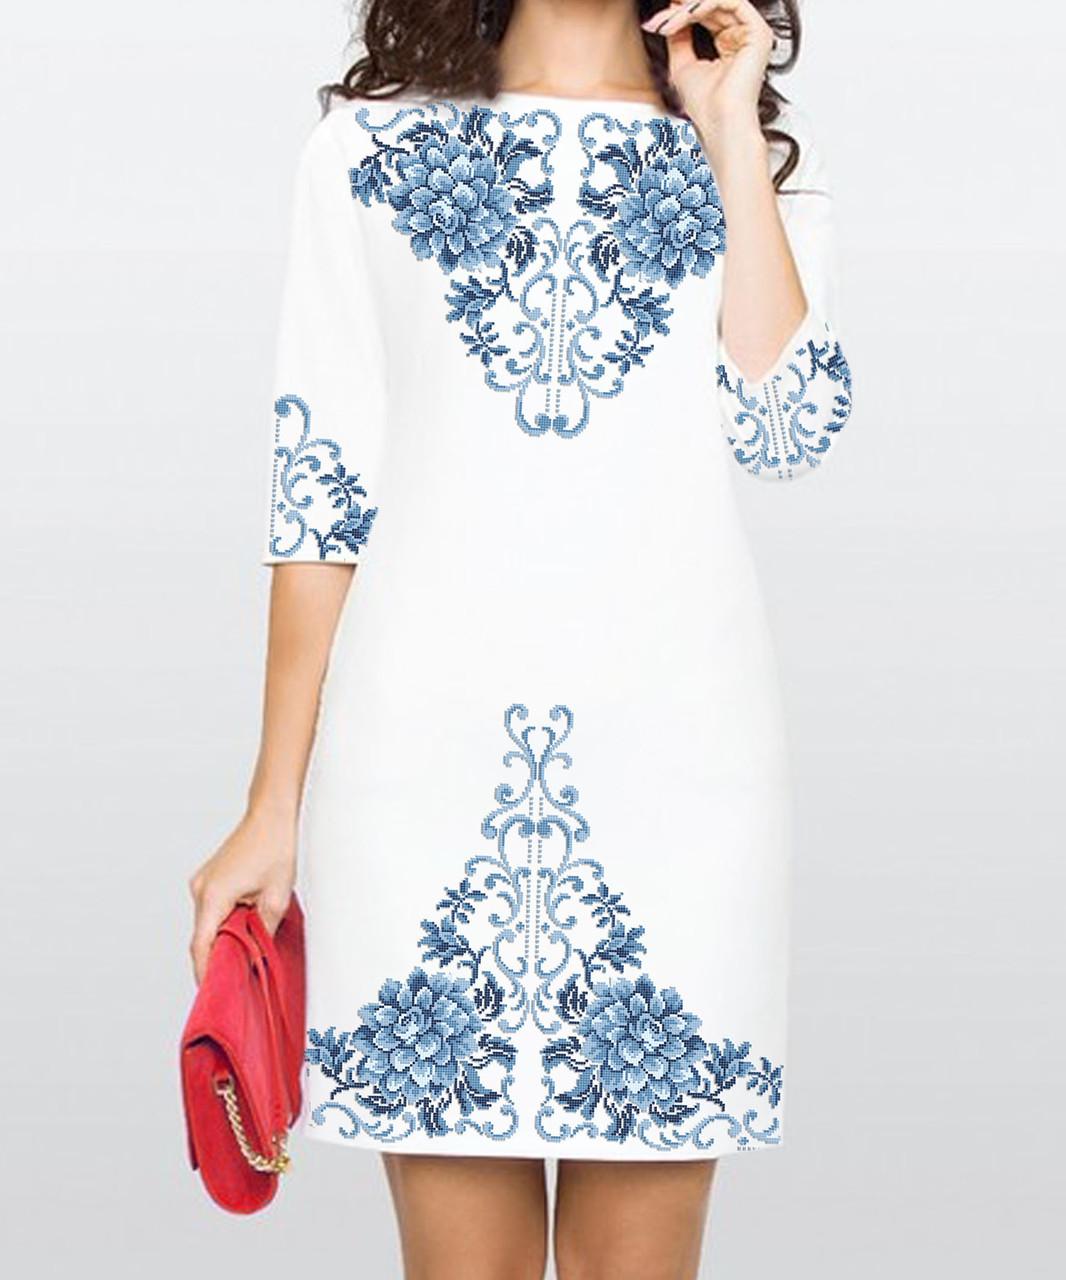 Заготовка жіночого плаття чи сукні для вишивки та вишивання бісером Бисерок  «Жоржина» (П-164 ГБ) Габардин